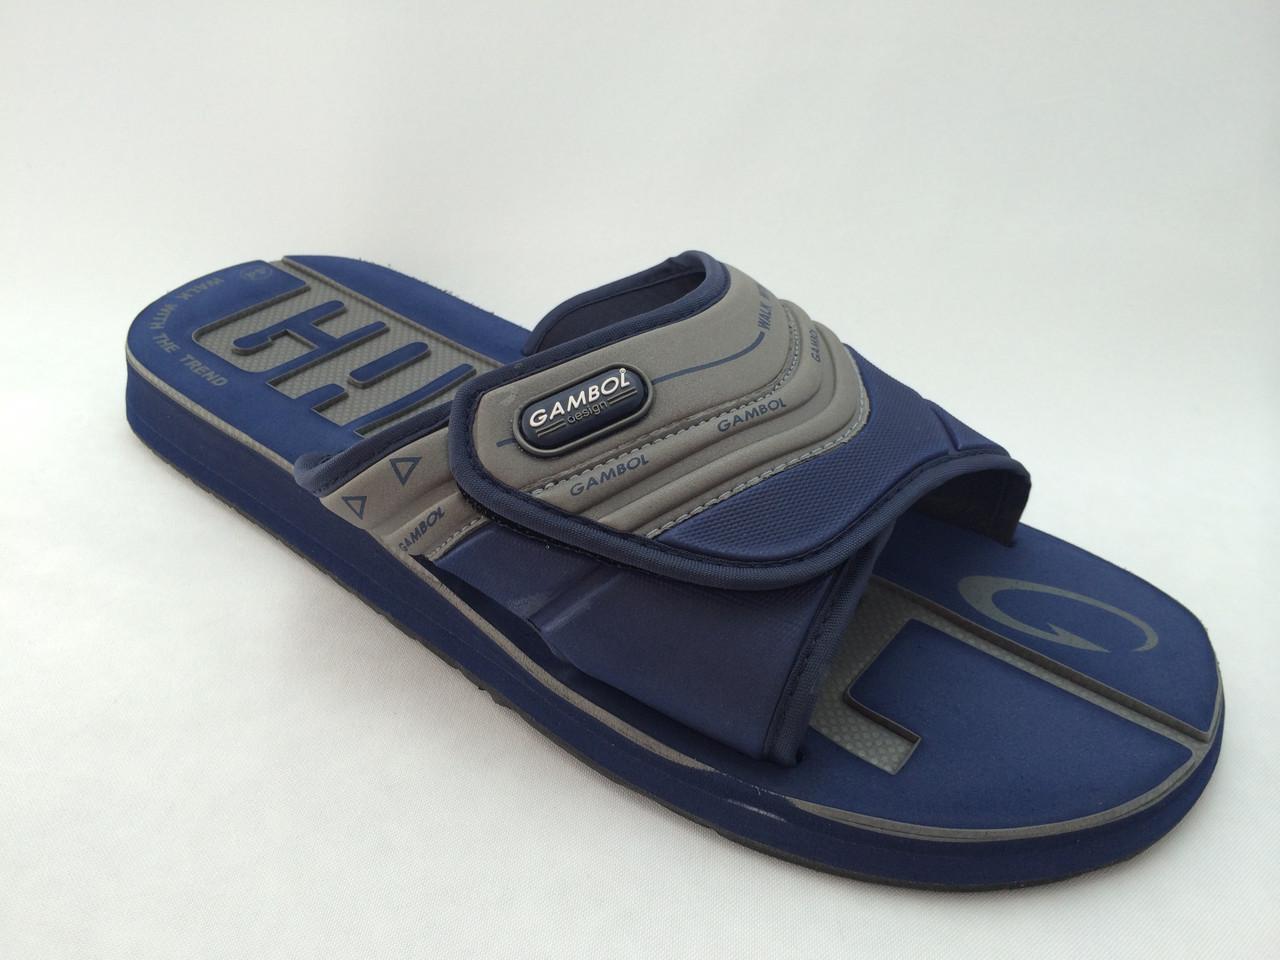 Тапки пляжные GAMBOL GM-13105 серо-голубые 42 размер.